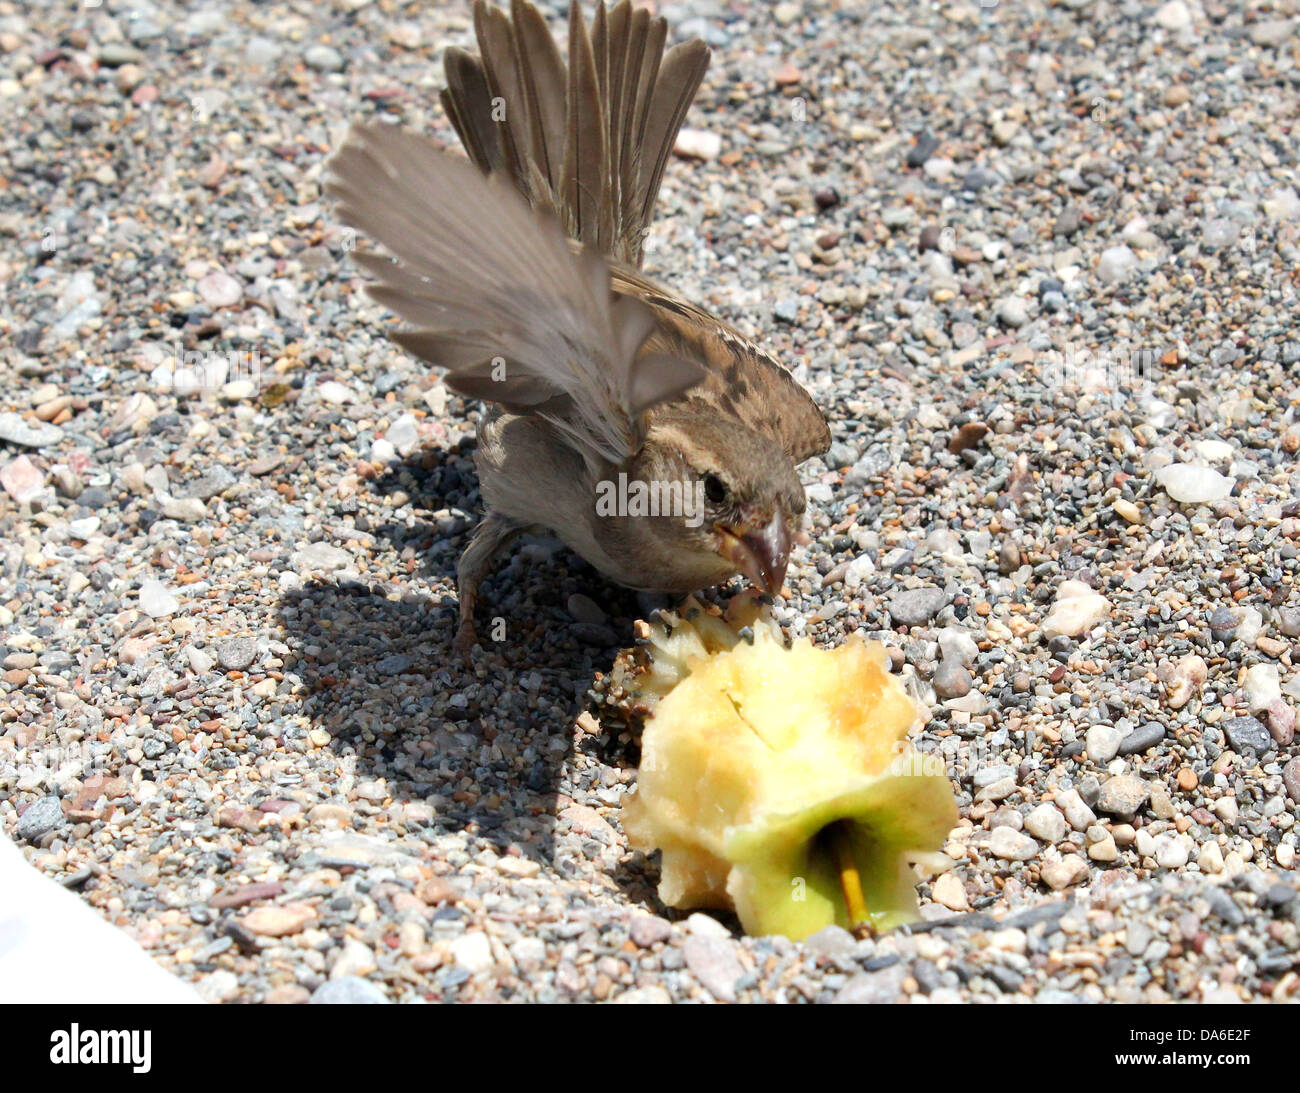 Close-up de una hembra gorrión (Passer domesticus) comiendo una manzana de la playa y a batir sus alas Foto de stock